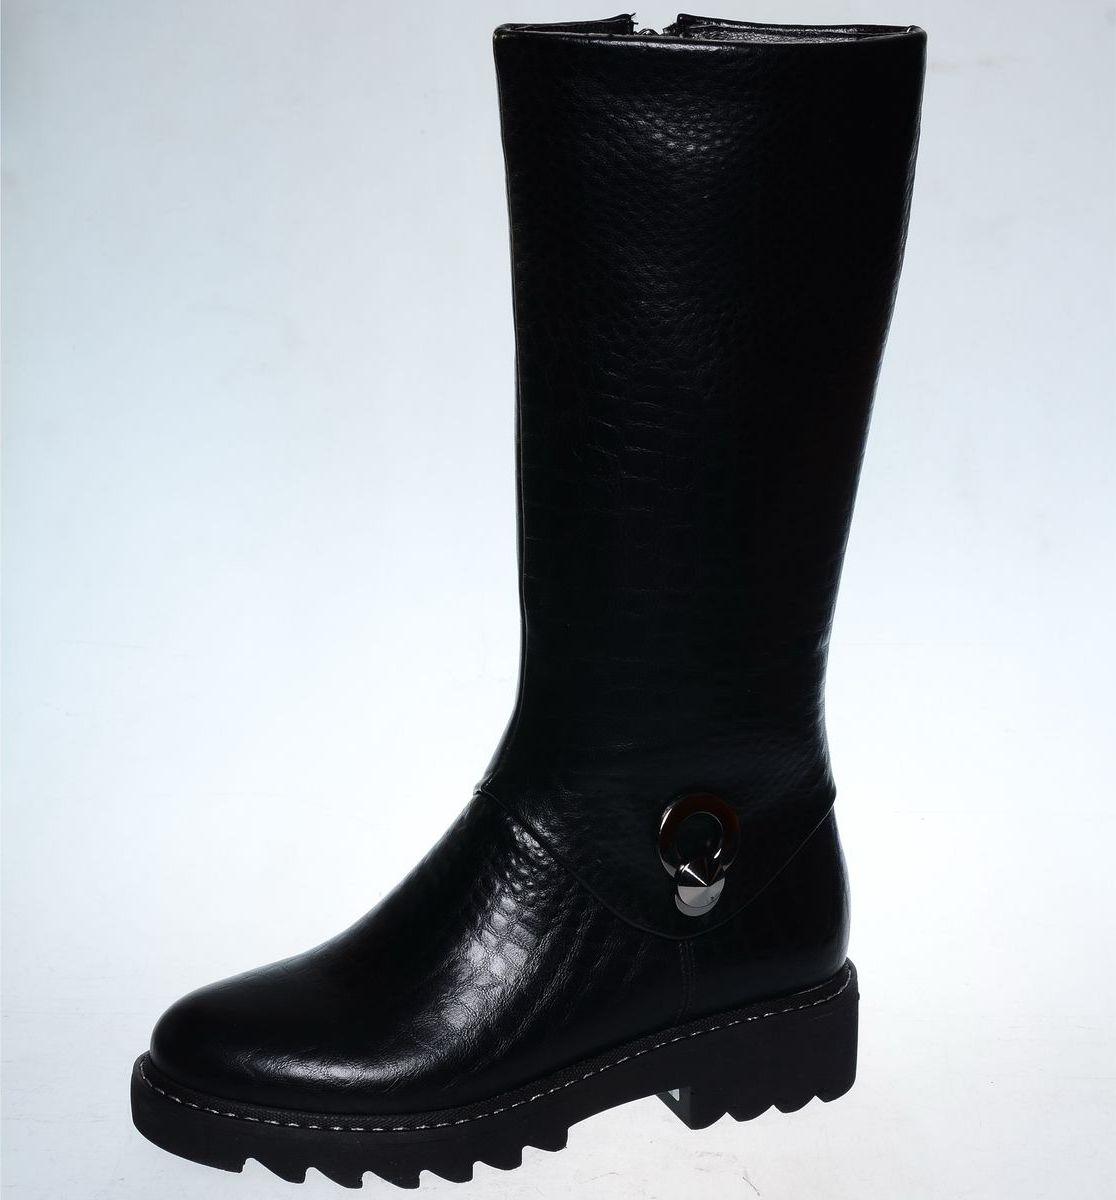 e92bd9858 Сапоги для мальчика kenka цвет черный lpc_70930_black размер 28 ...